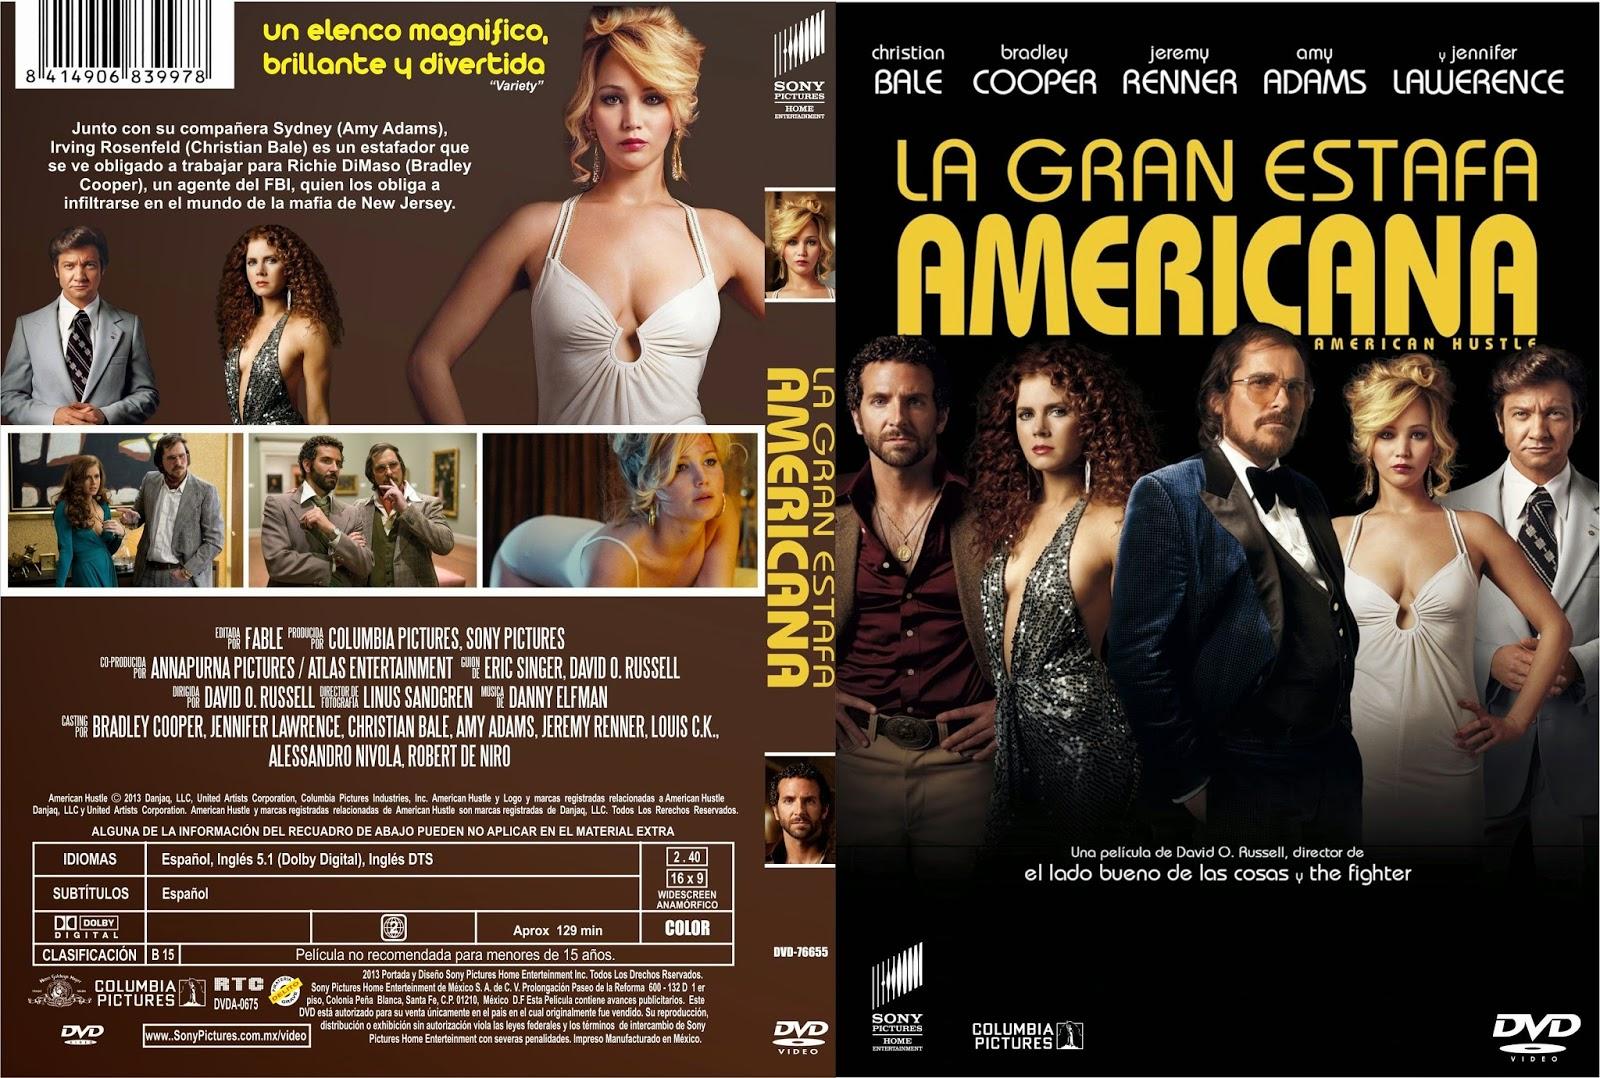 La Gran Estafa Americana DVD